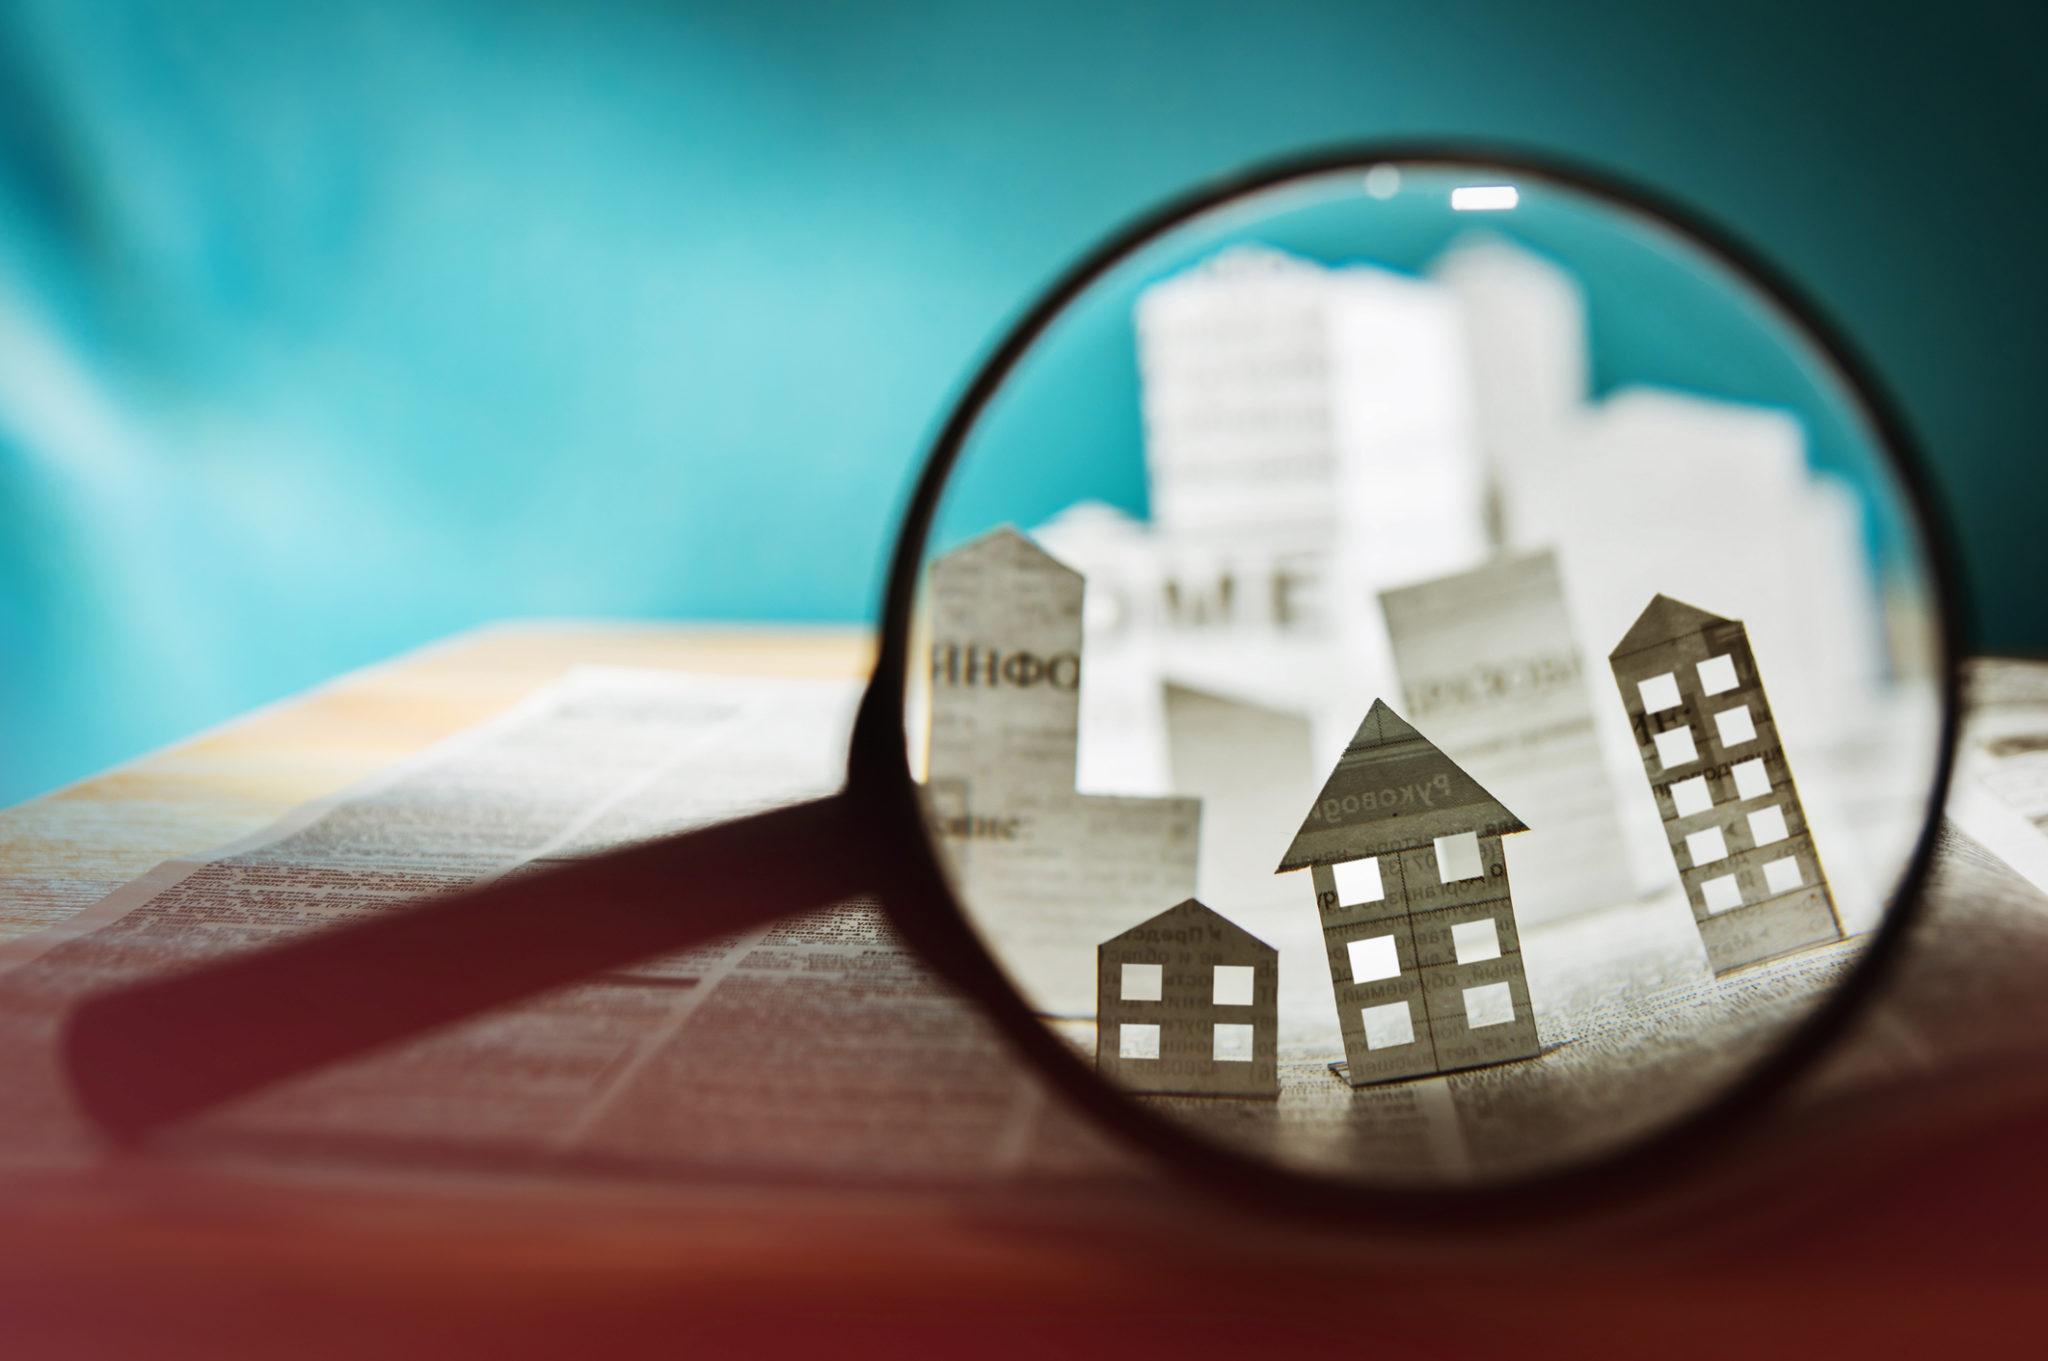 Qu'y a-t-il à savoir sur le prêt immobilier de la Banque Postale ?